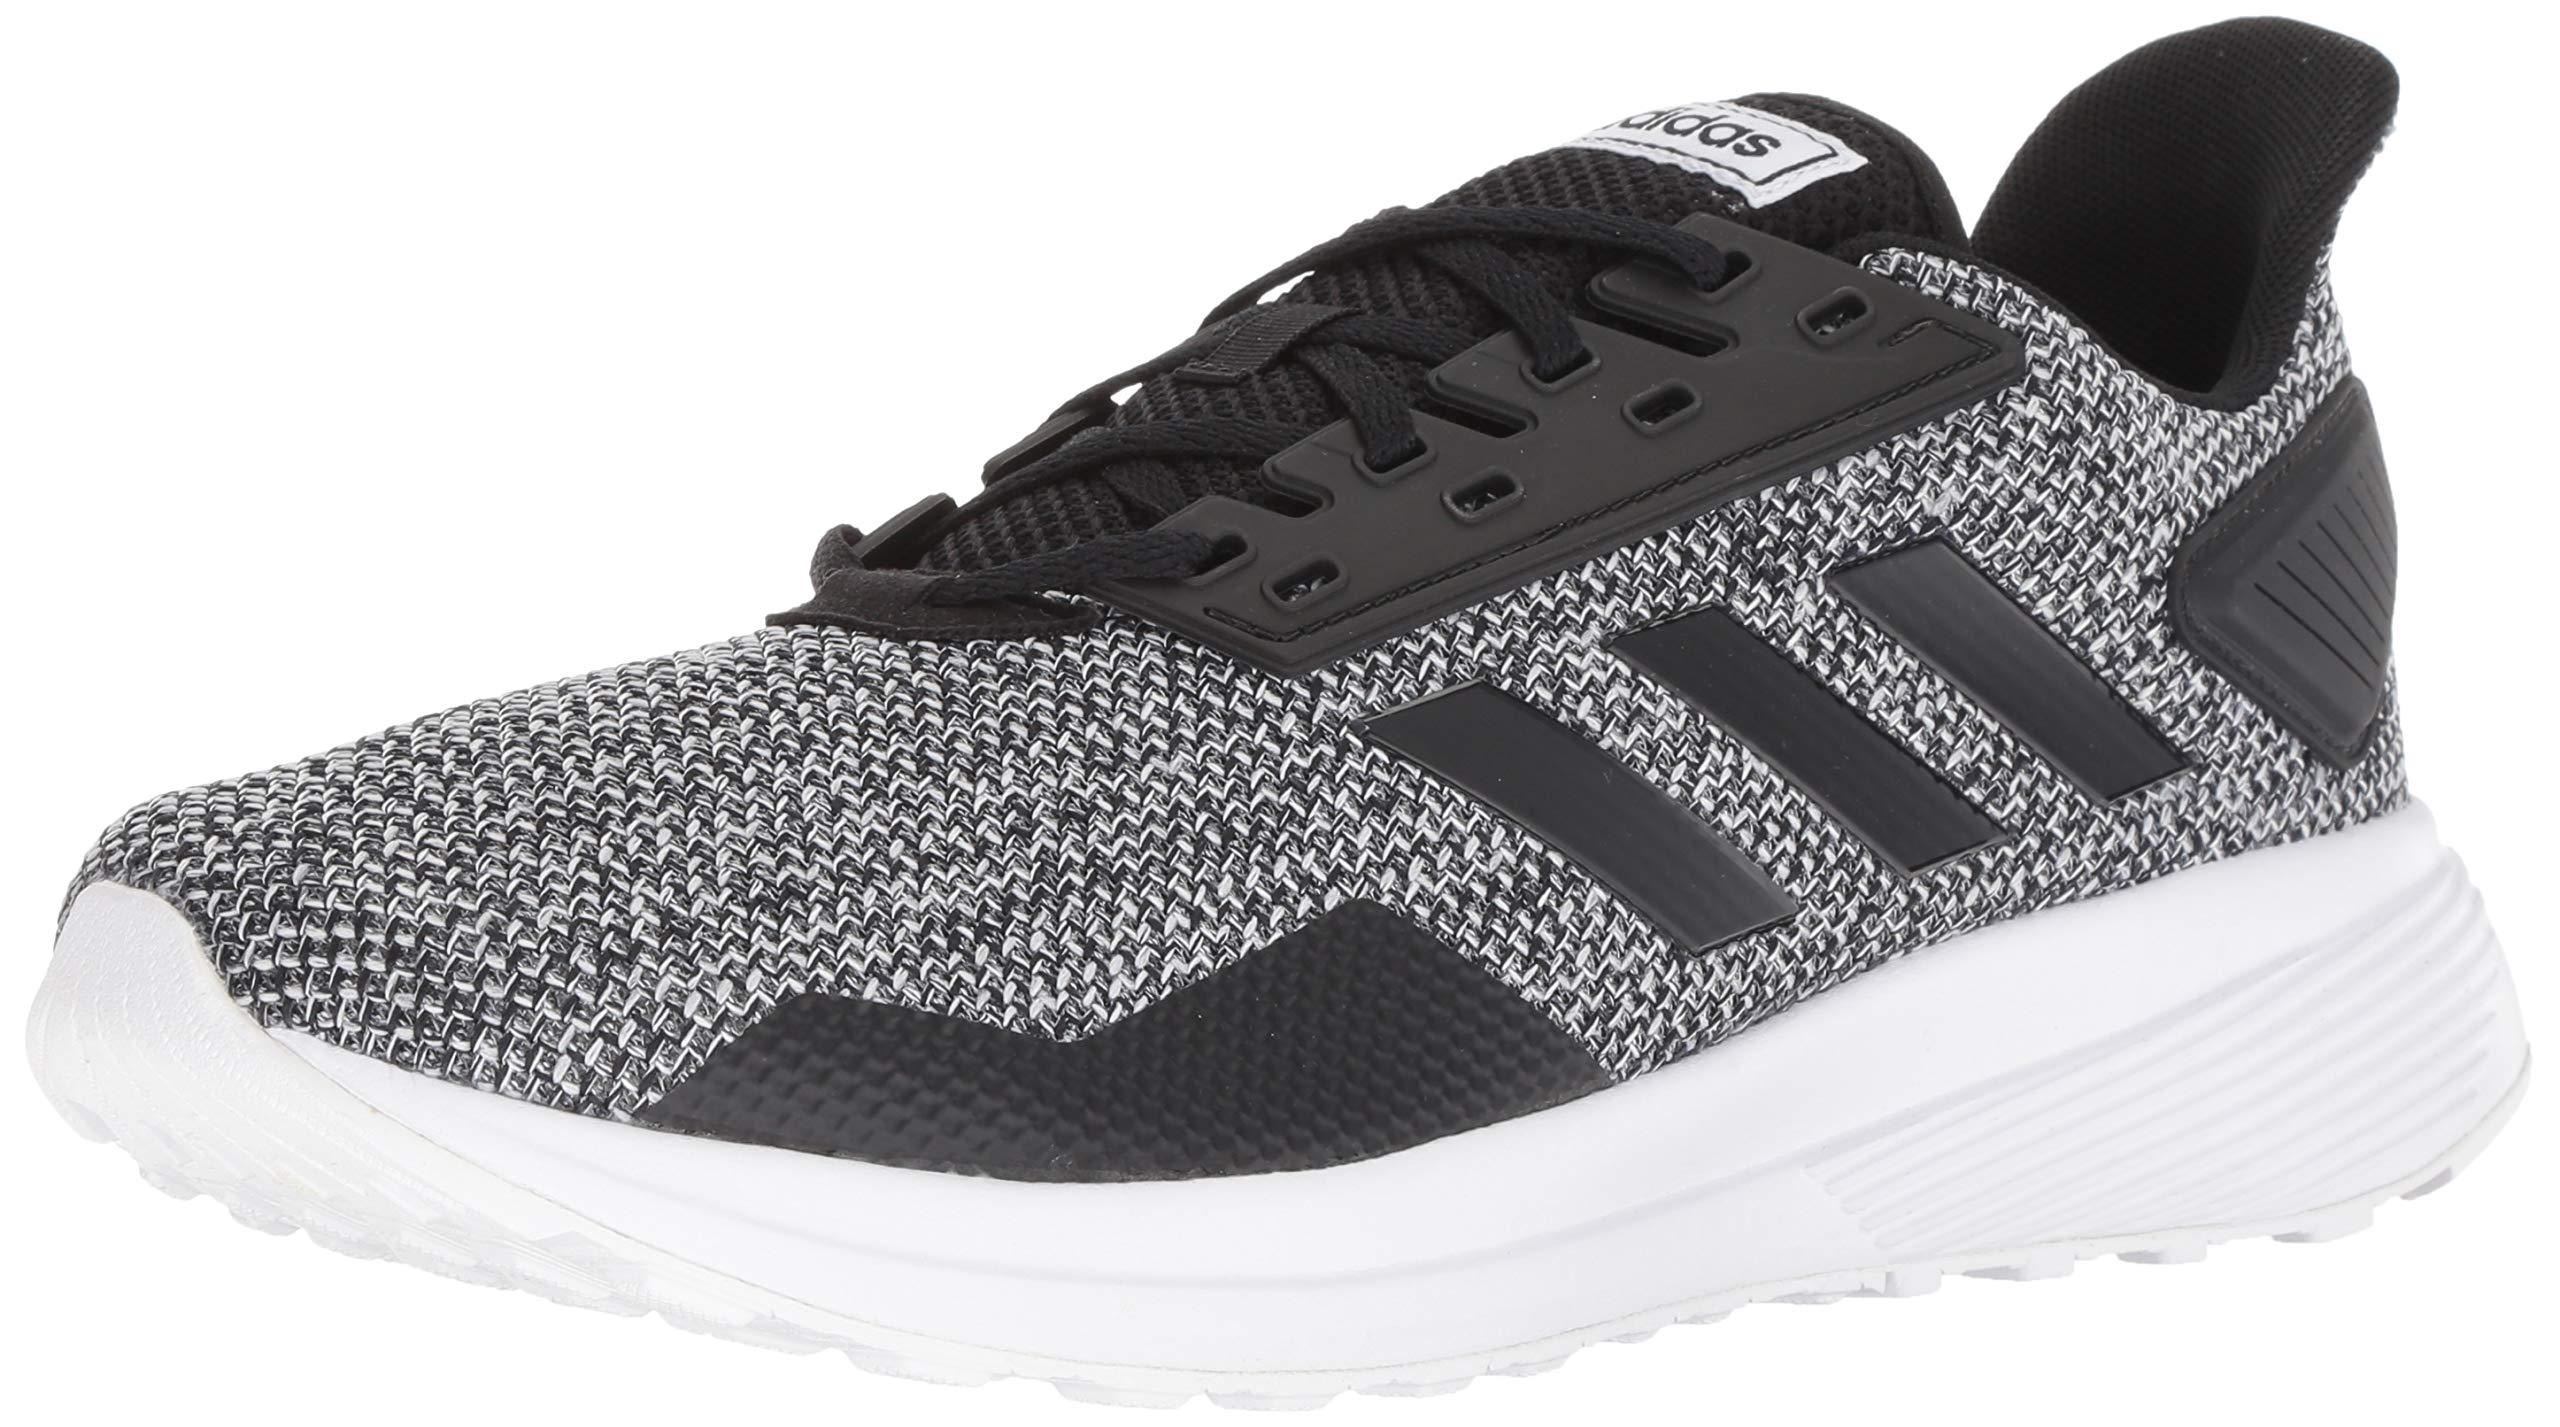 adidas Men's Duramo 9 Running Shoe Core Black/Footwear White, 7 M US